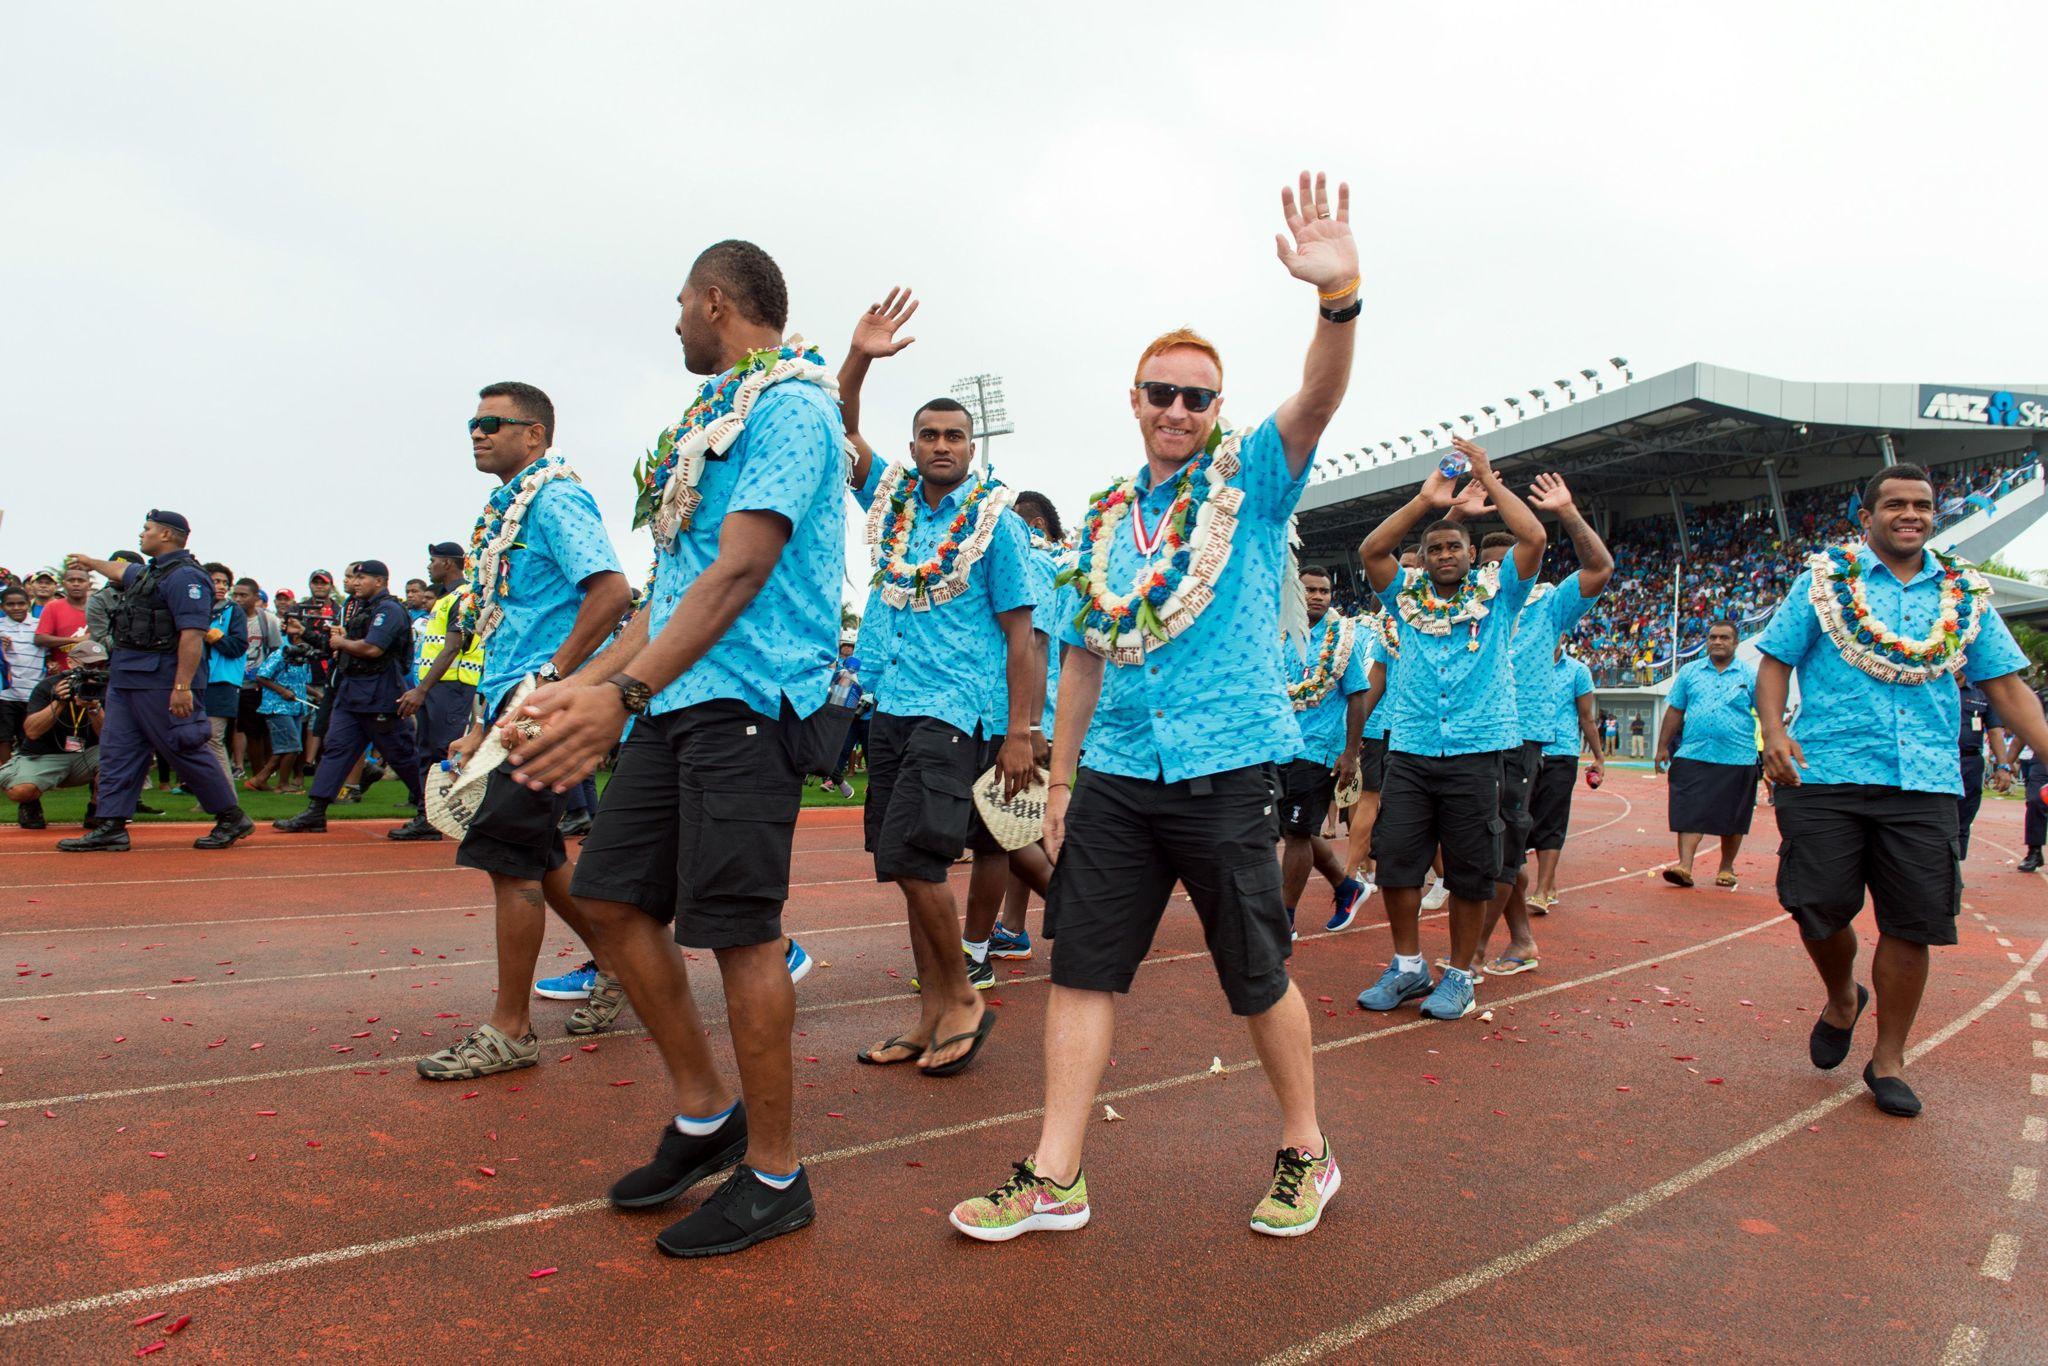 Ben Ryan y los jugadores, durante el homenaje recibido en Fiyi.